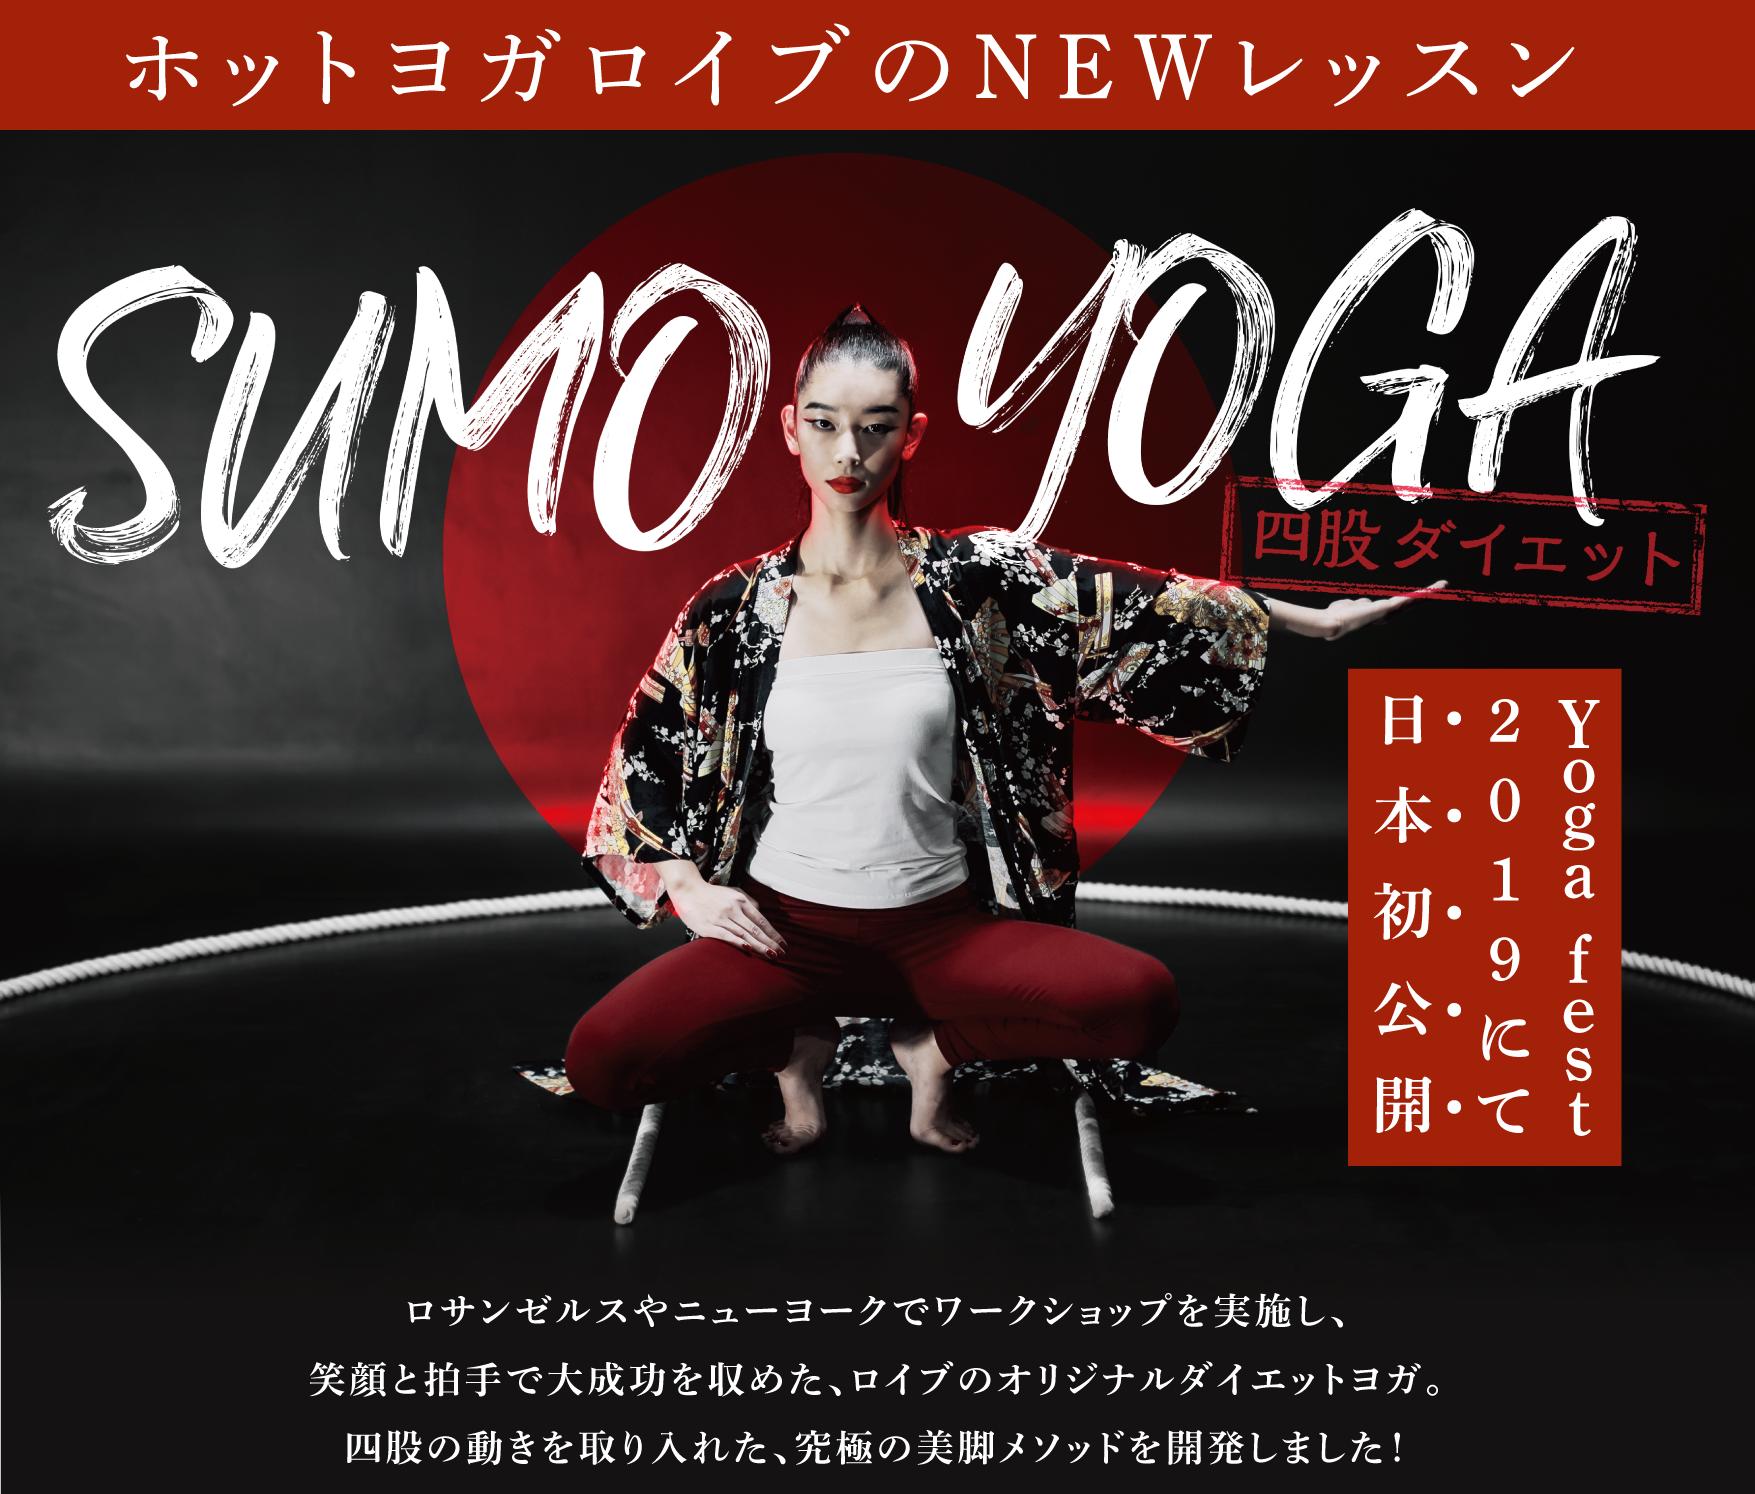 【終了】SUMO YOGA 9月15日(日)「ヨガフェスタ横浜2019」にて日本初公開!